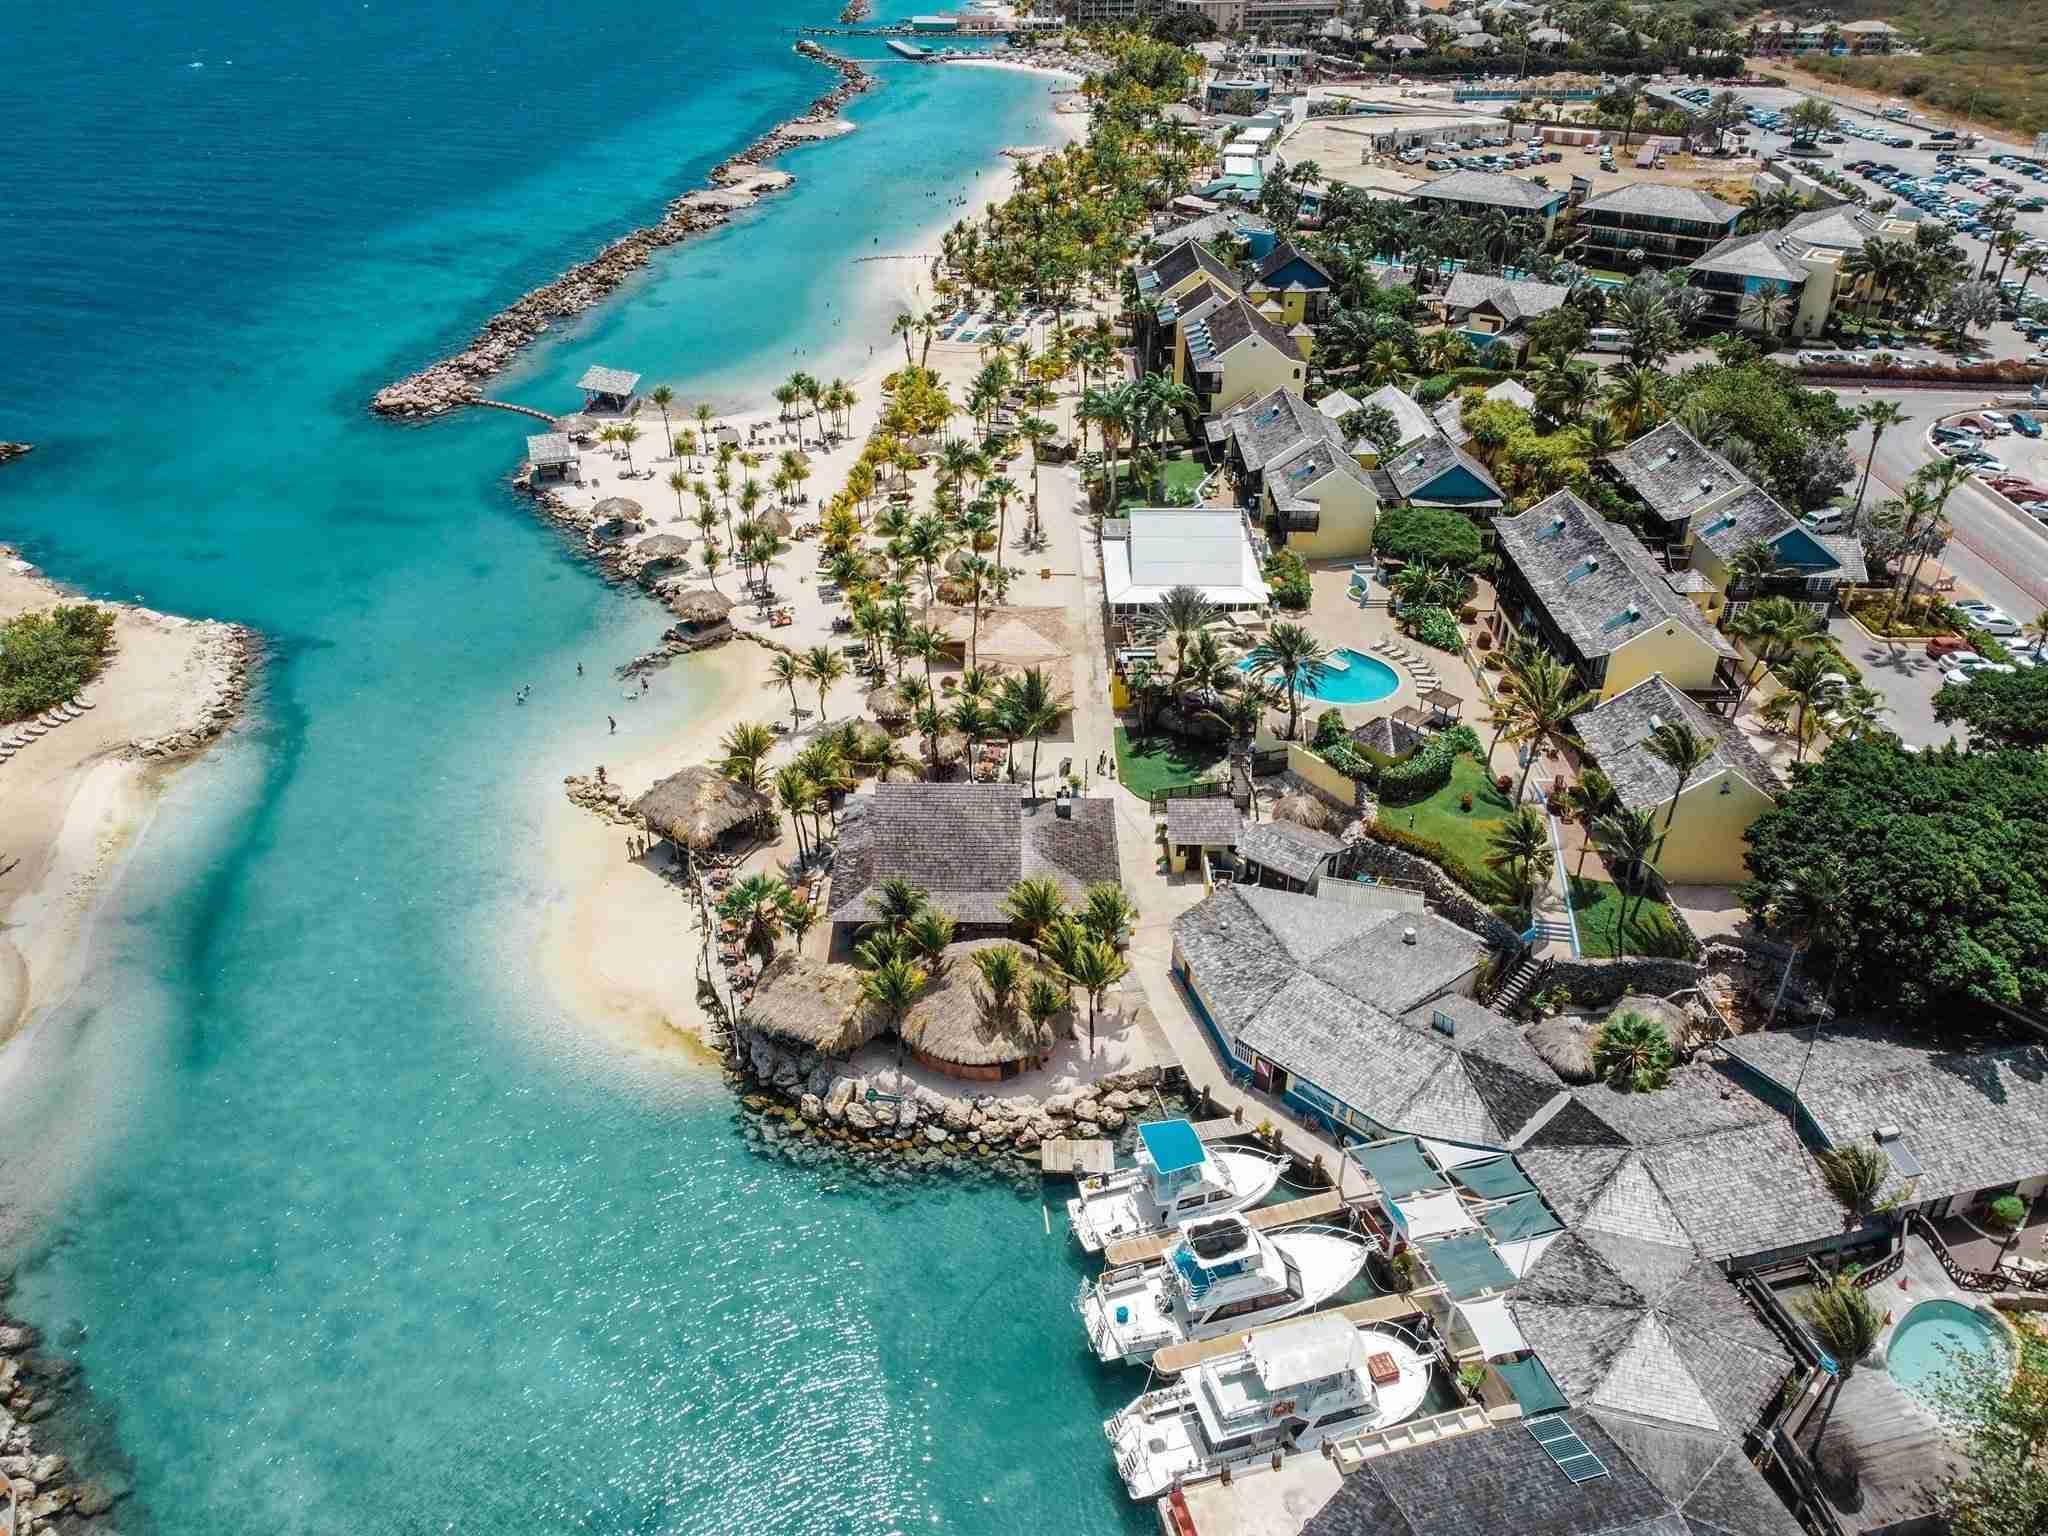 Ocean Encounters at LionsDive Beach Resort Curacao